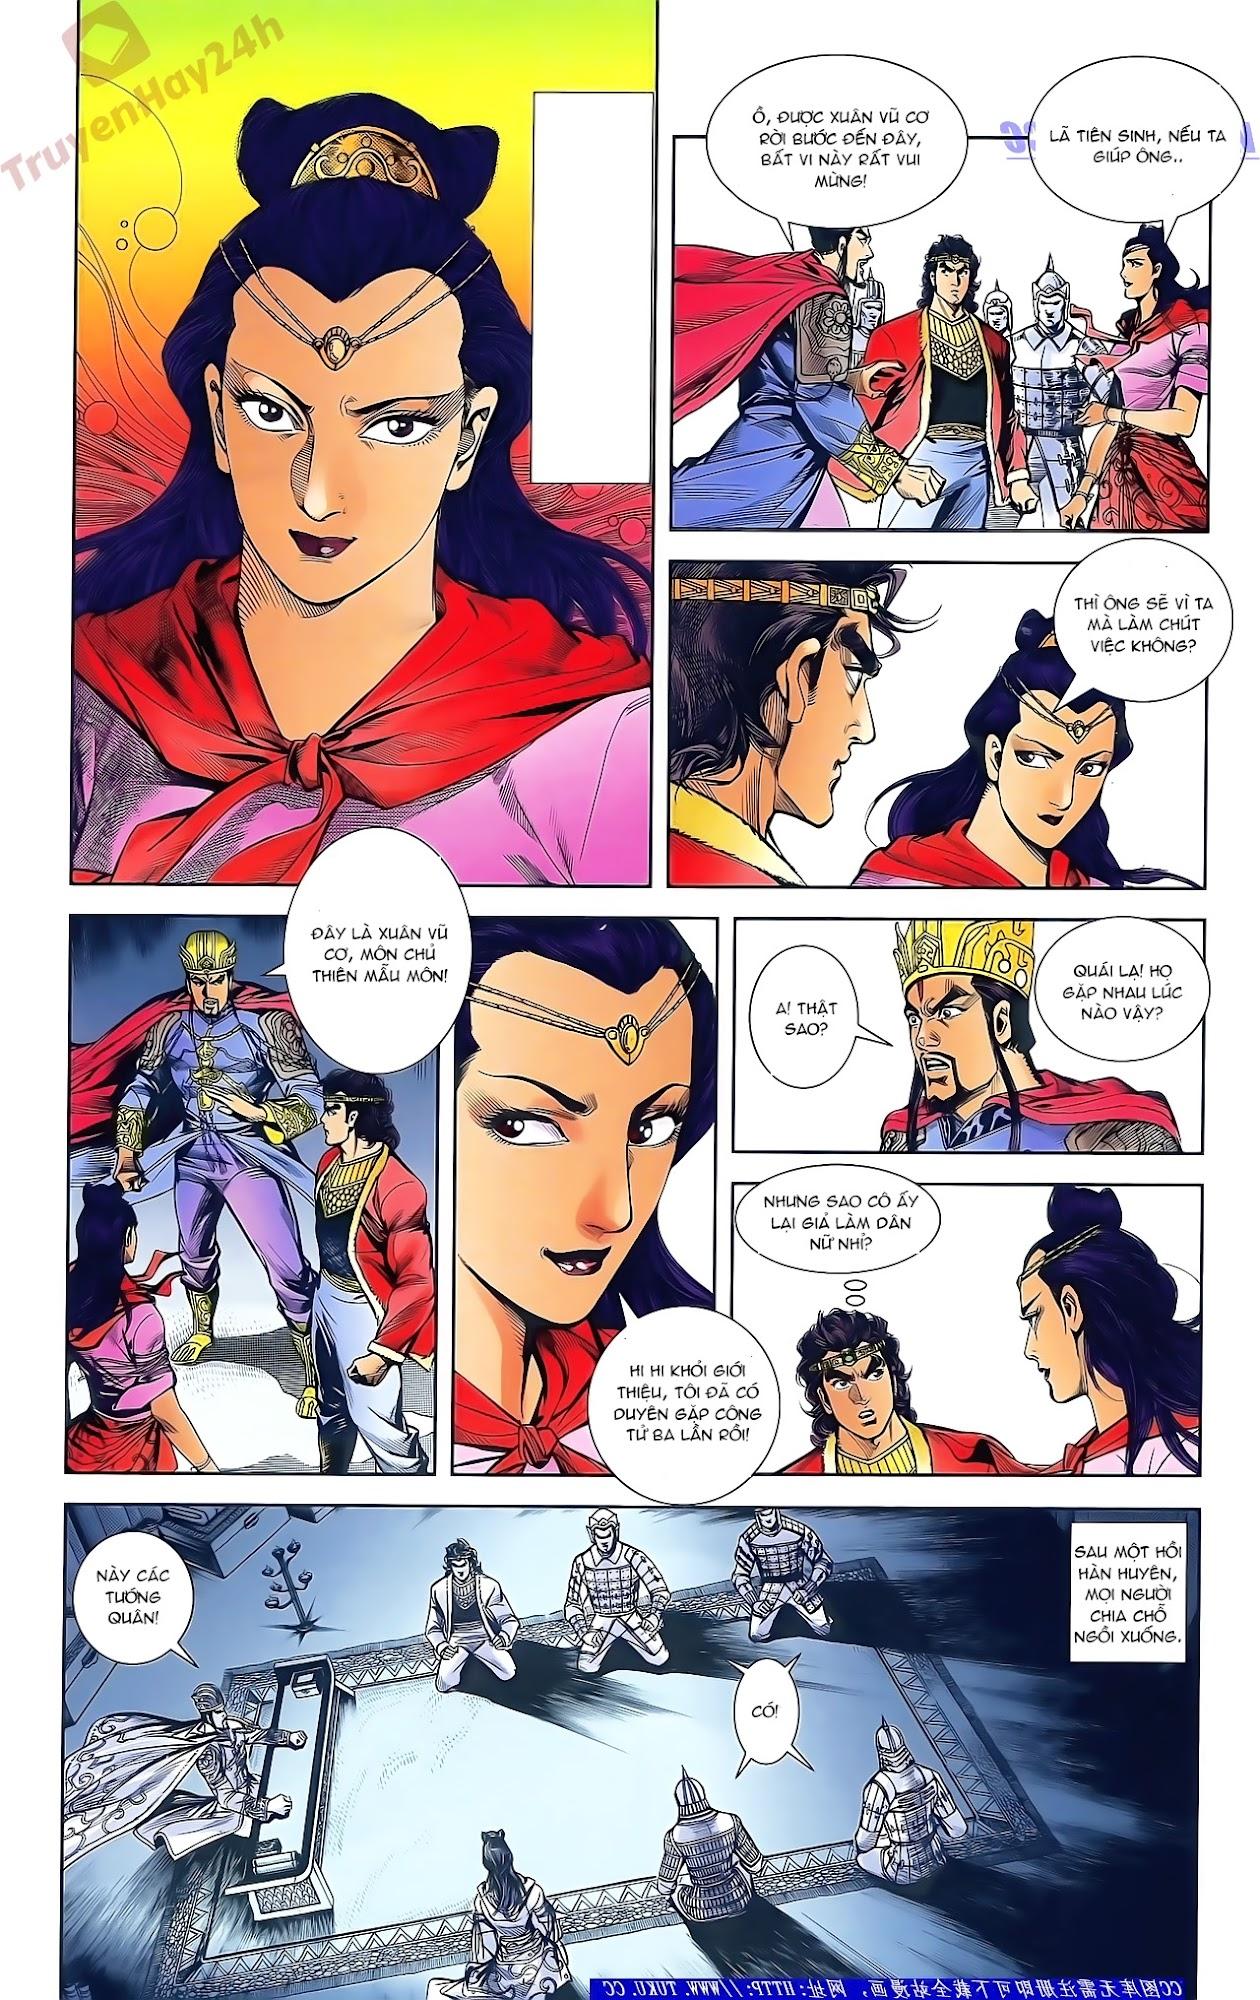 Tần Vương Doanh Chính chapter 47 trang 17